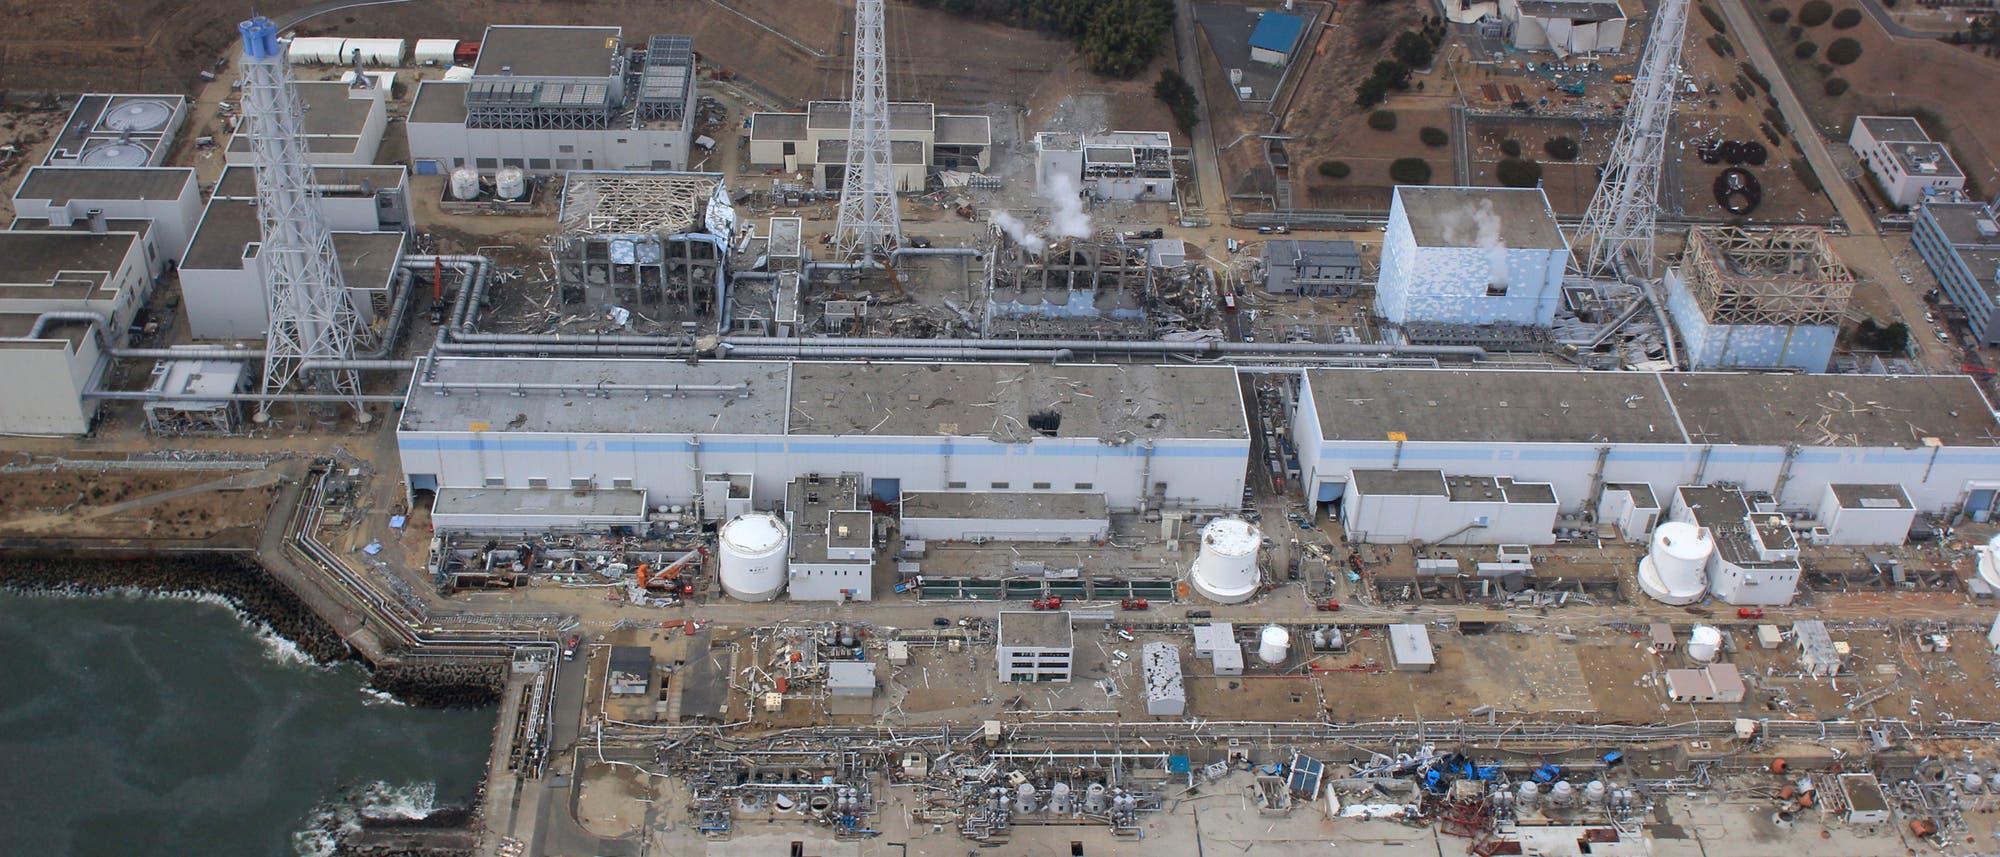 Zerstörte Reaktoren von Fukushima